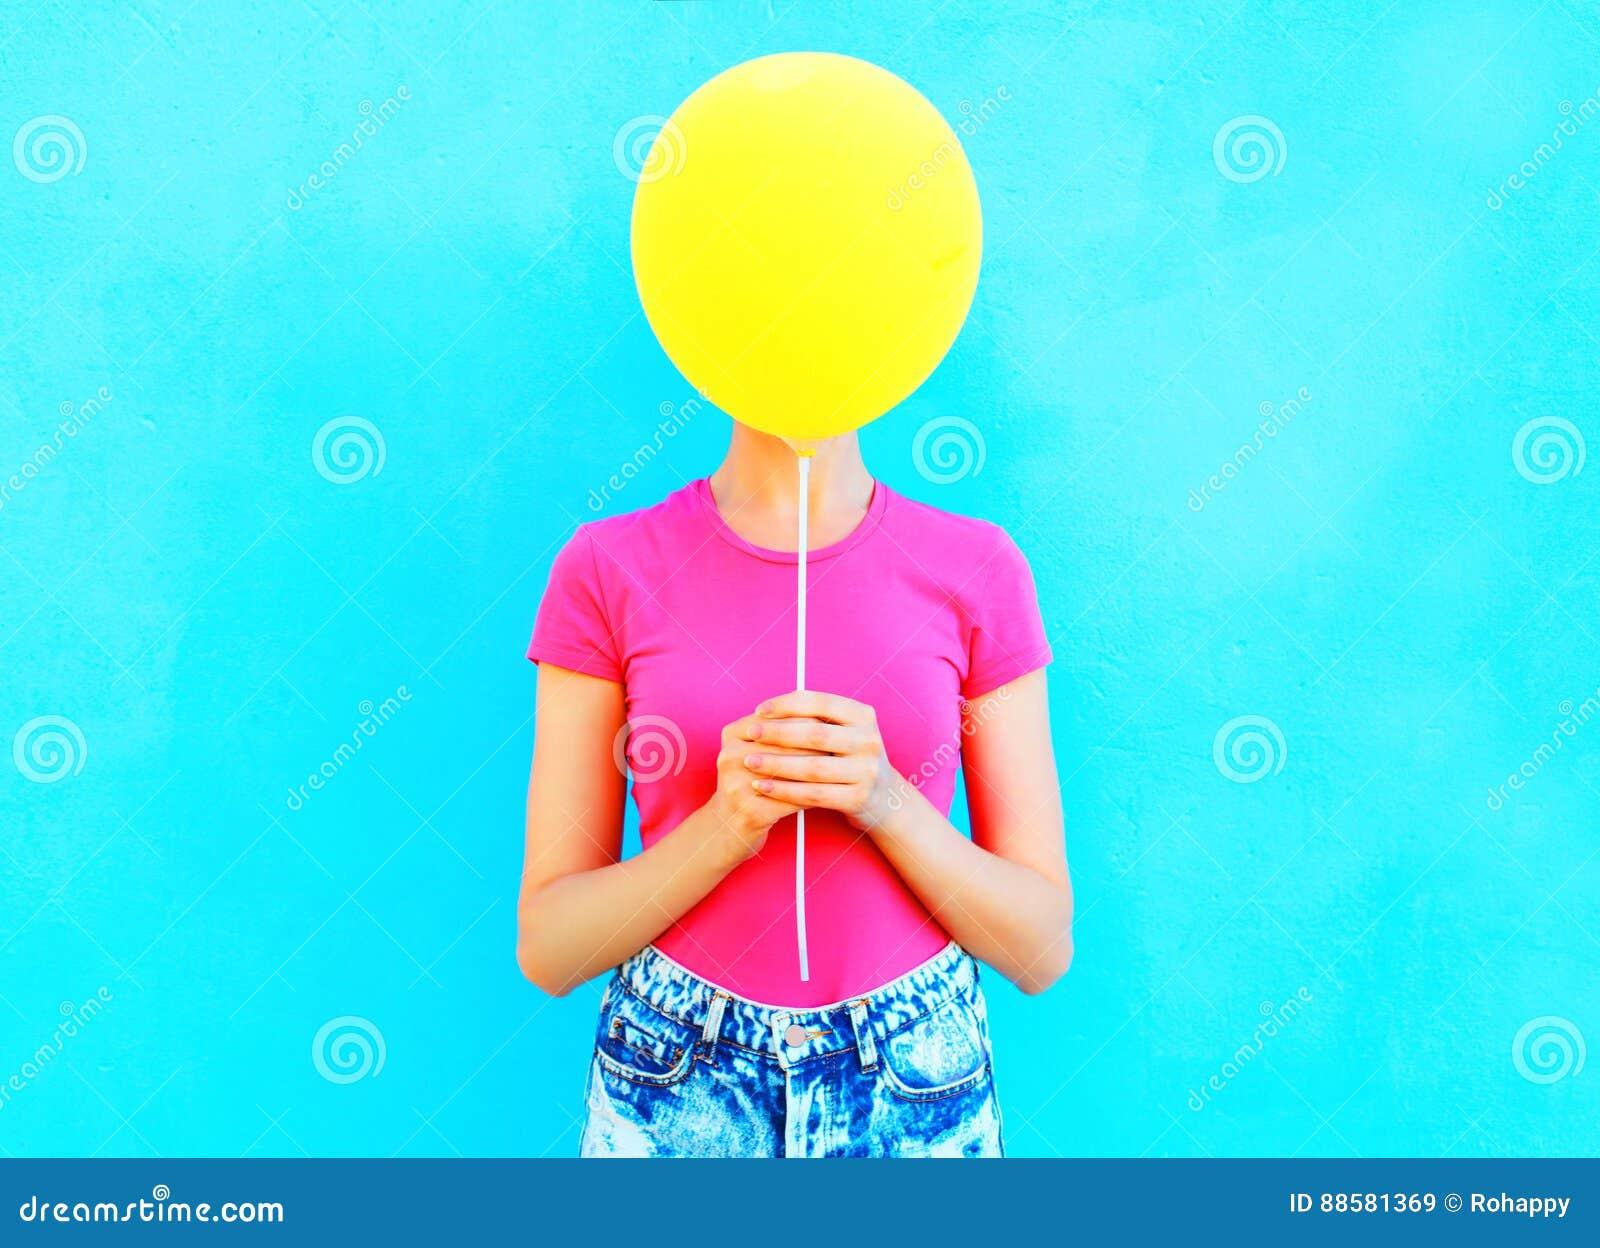 Balão de ar amarelo escondendo da cara da mulher olorful do ¡ de Ð que tem o divertimento sobre o azul